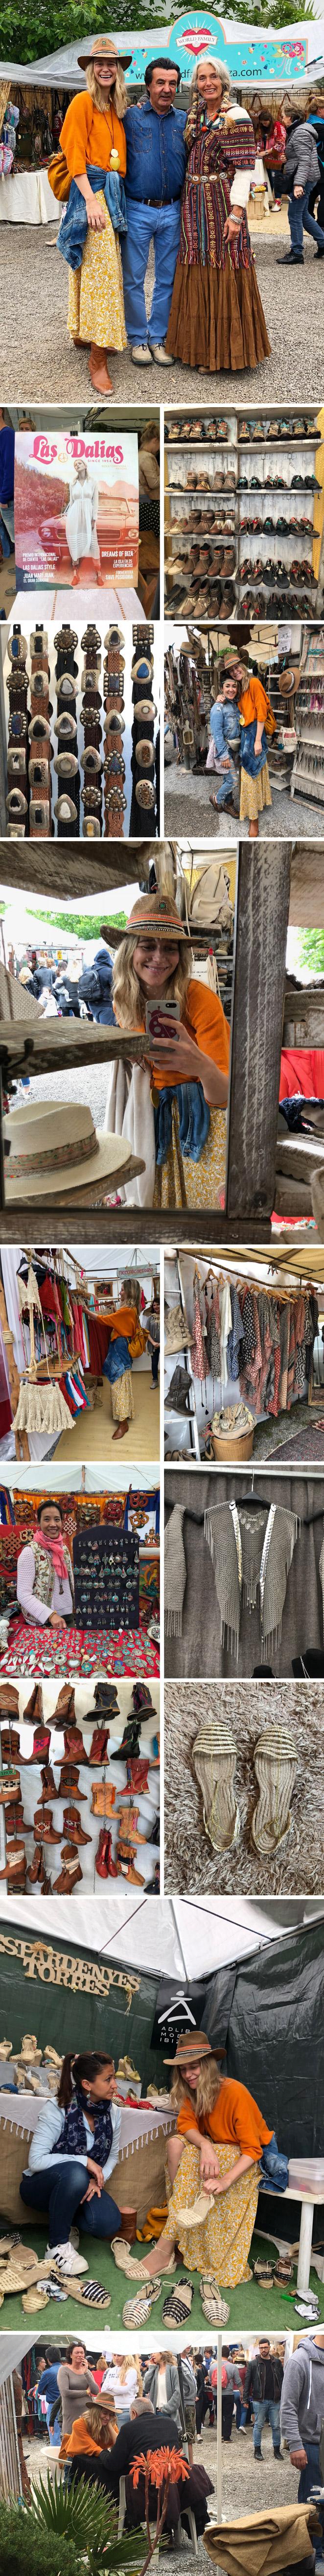 Para hacer un shopping auténtico, lo mejor es ir el sábado al Mercadillo Hippy de Las Dalias donde encontraréis la mejor selección de productos de artesanía de moda, arte, belleza, gastronomía, música e incluso pueden también hasta leerte la mano si te inquieta tu futuro